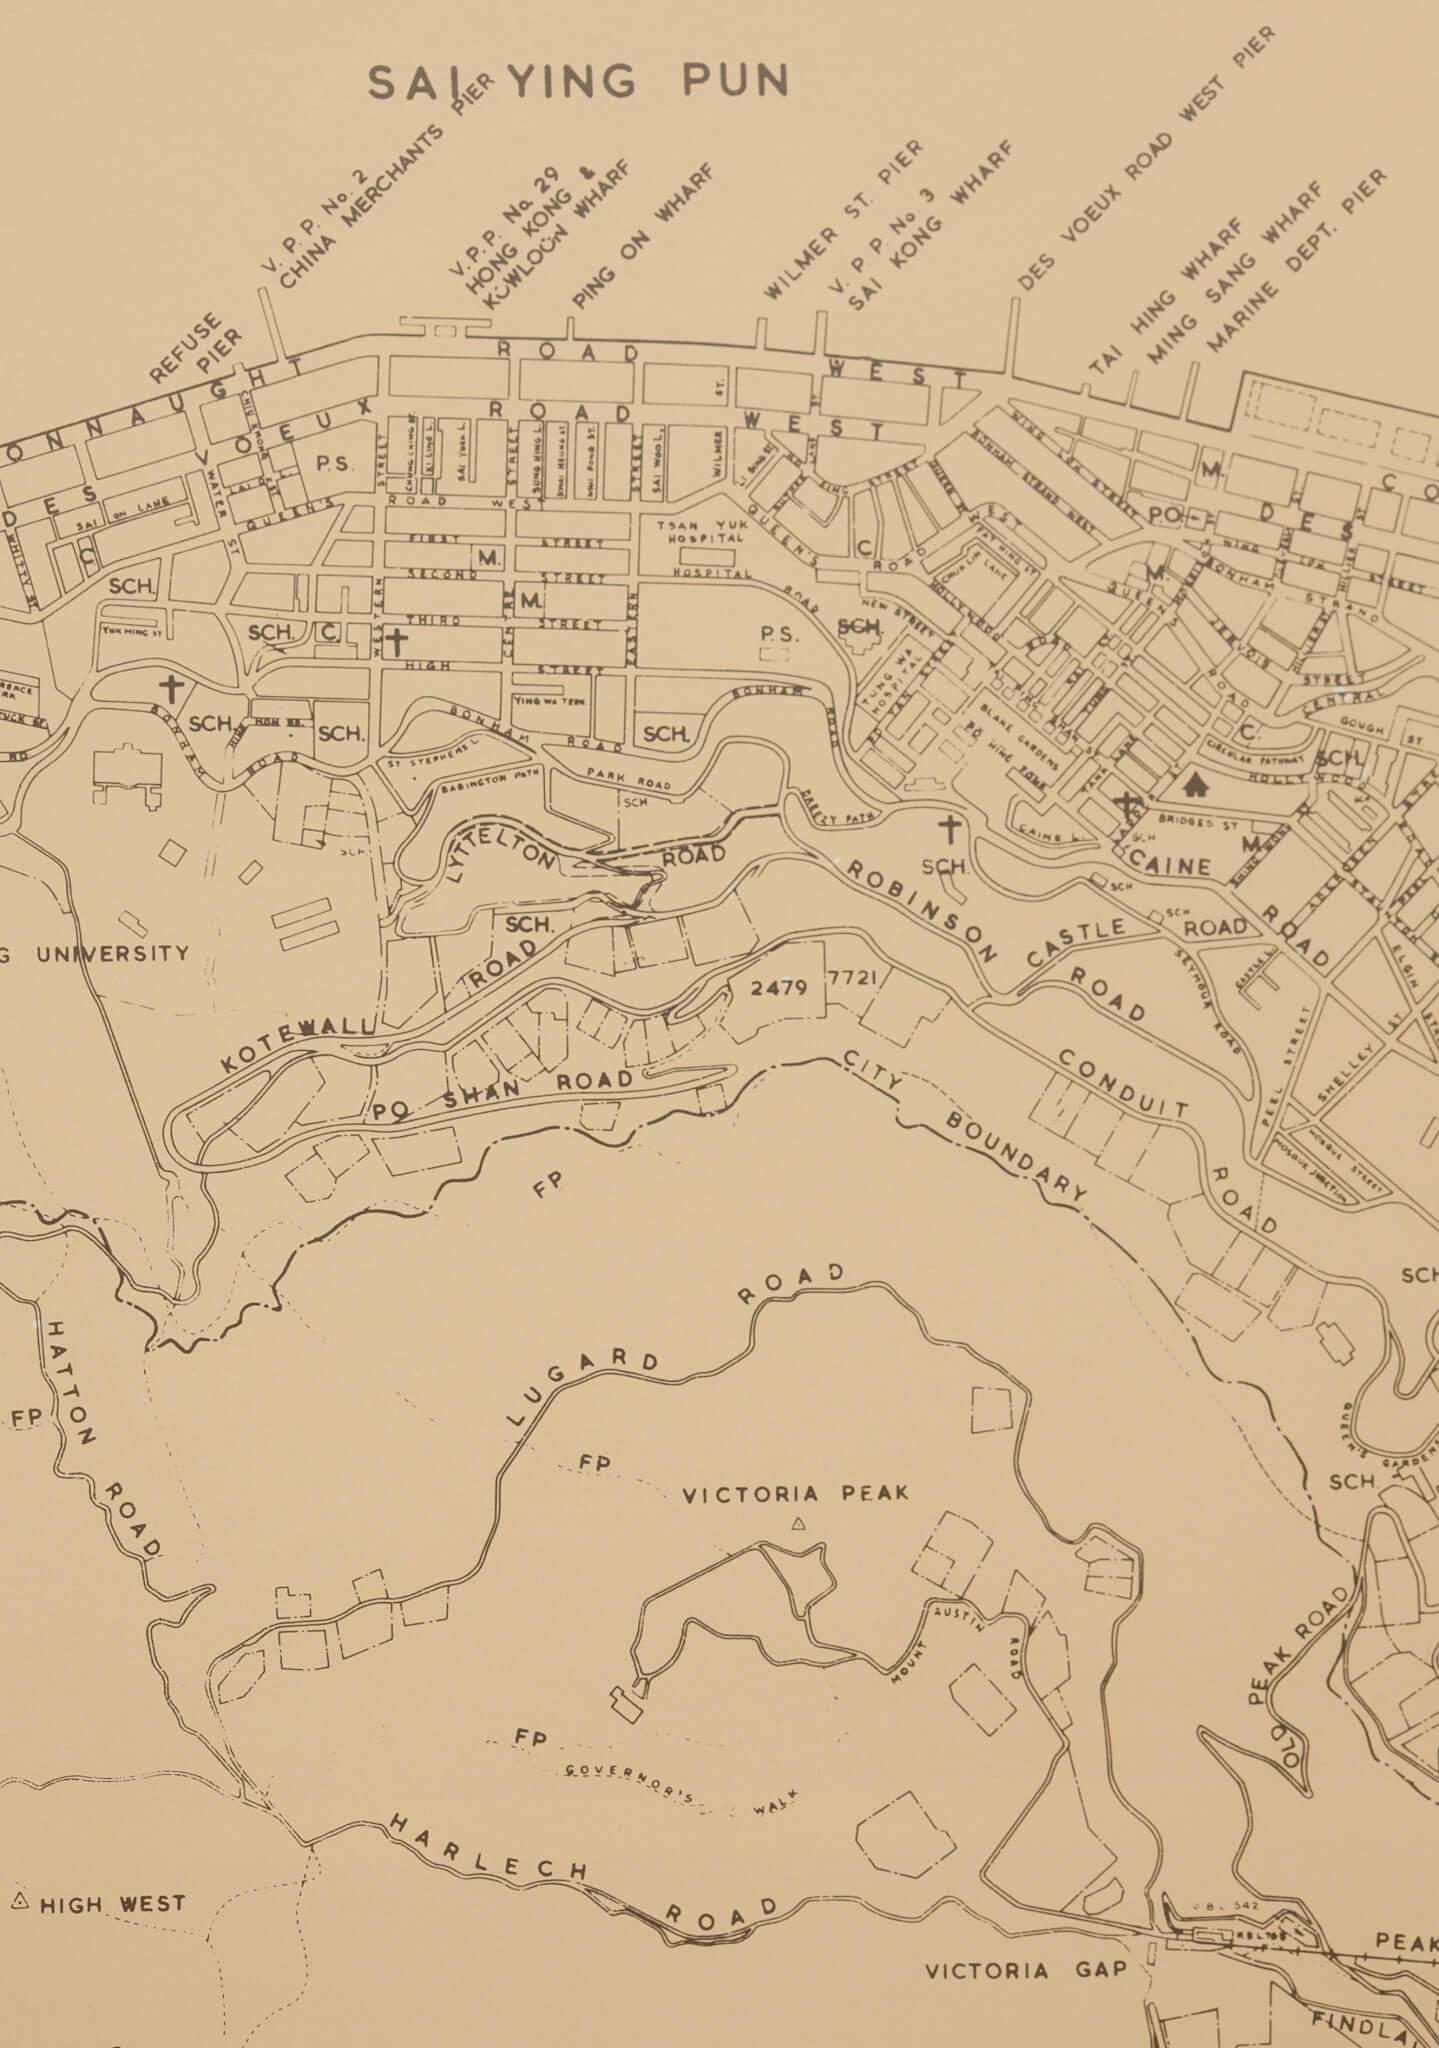 地政總署測繪處出版的《Mapping Hong Kong》,收錄了六十年代的中上環和半山地圖,盧吉道顯示在圖的較下方位置。 (圖片來自《Mapping Hong Kong》)